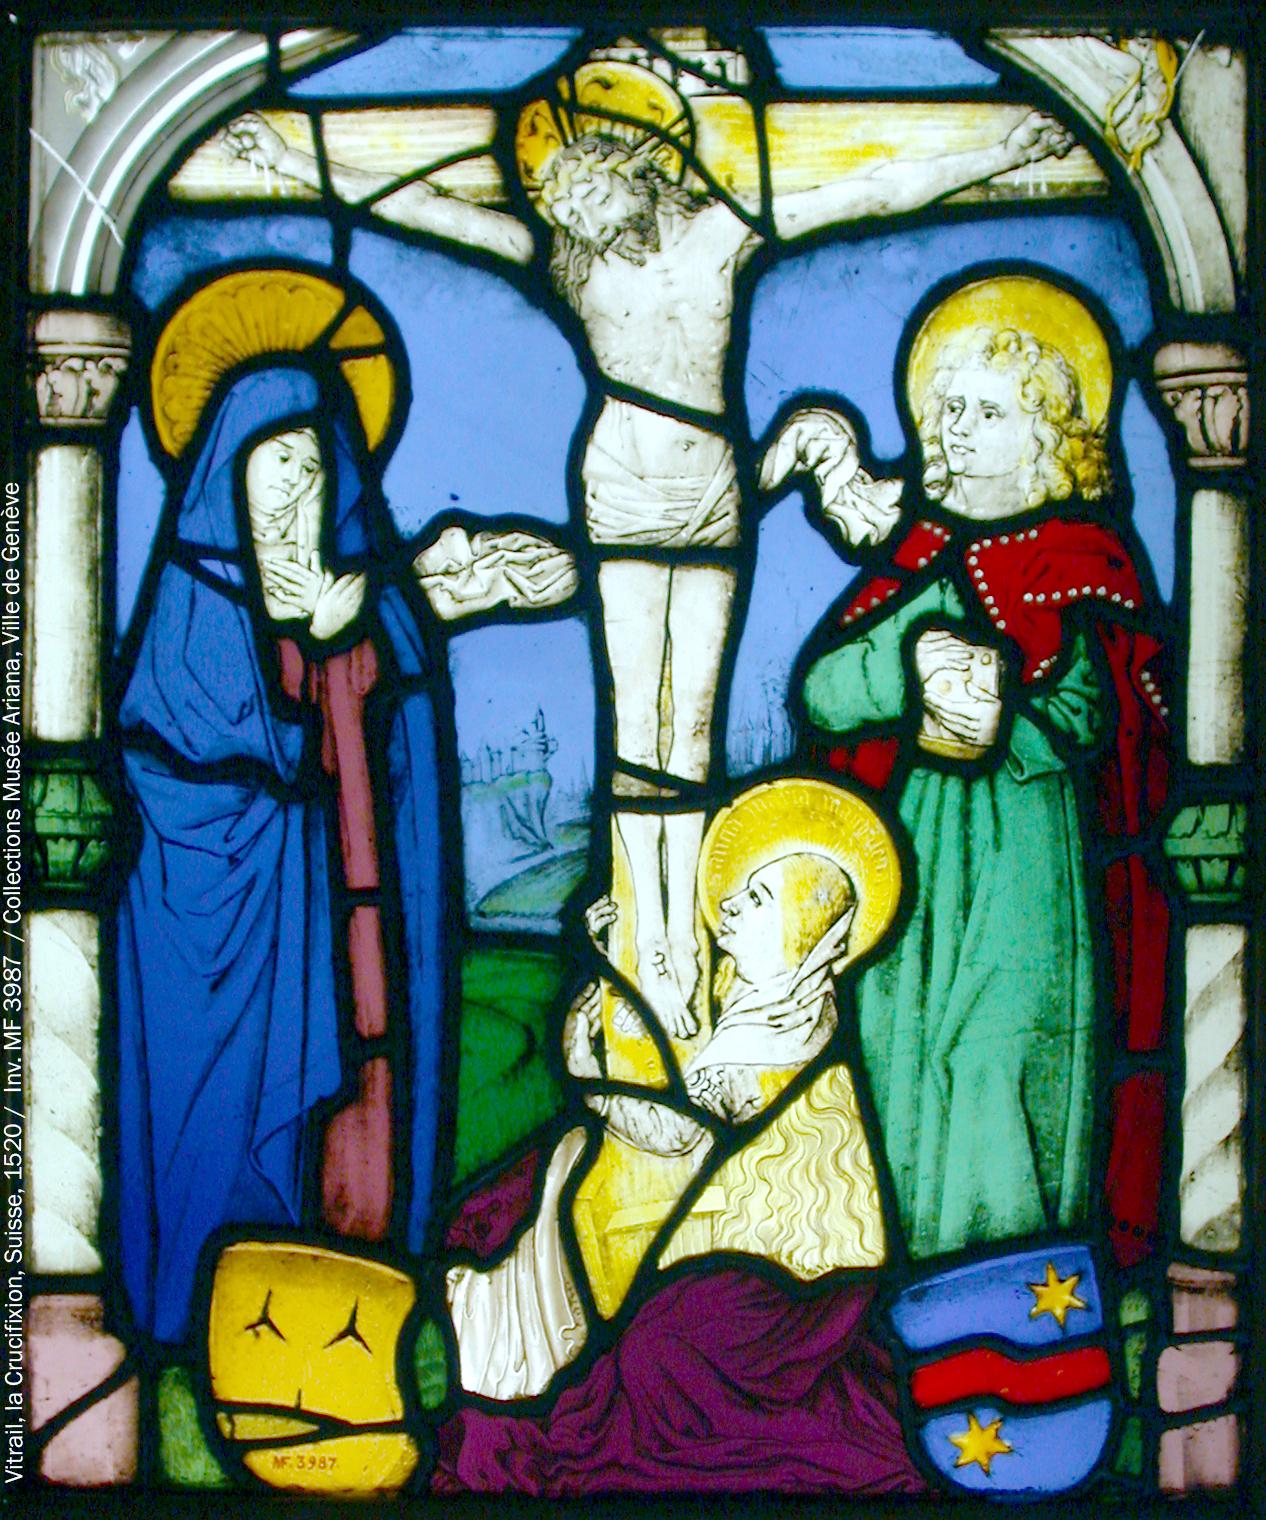 Prochainement - Cappella Genevensis - Concert de Pâques